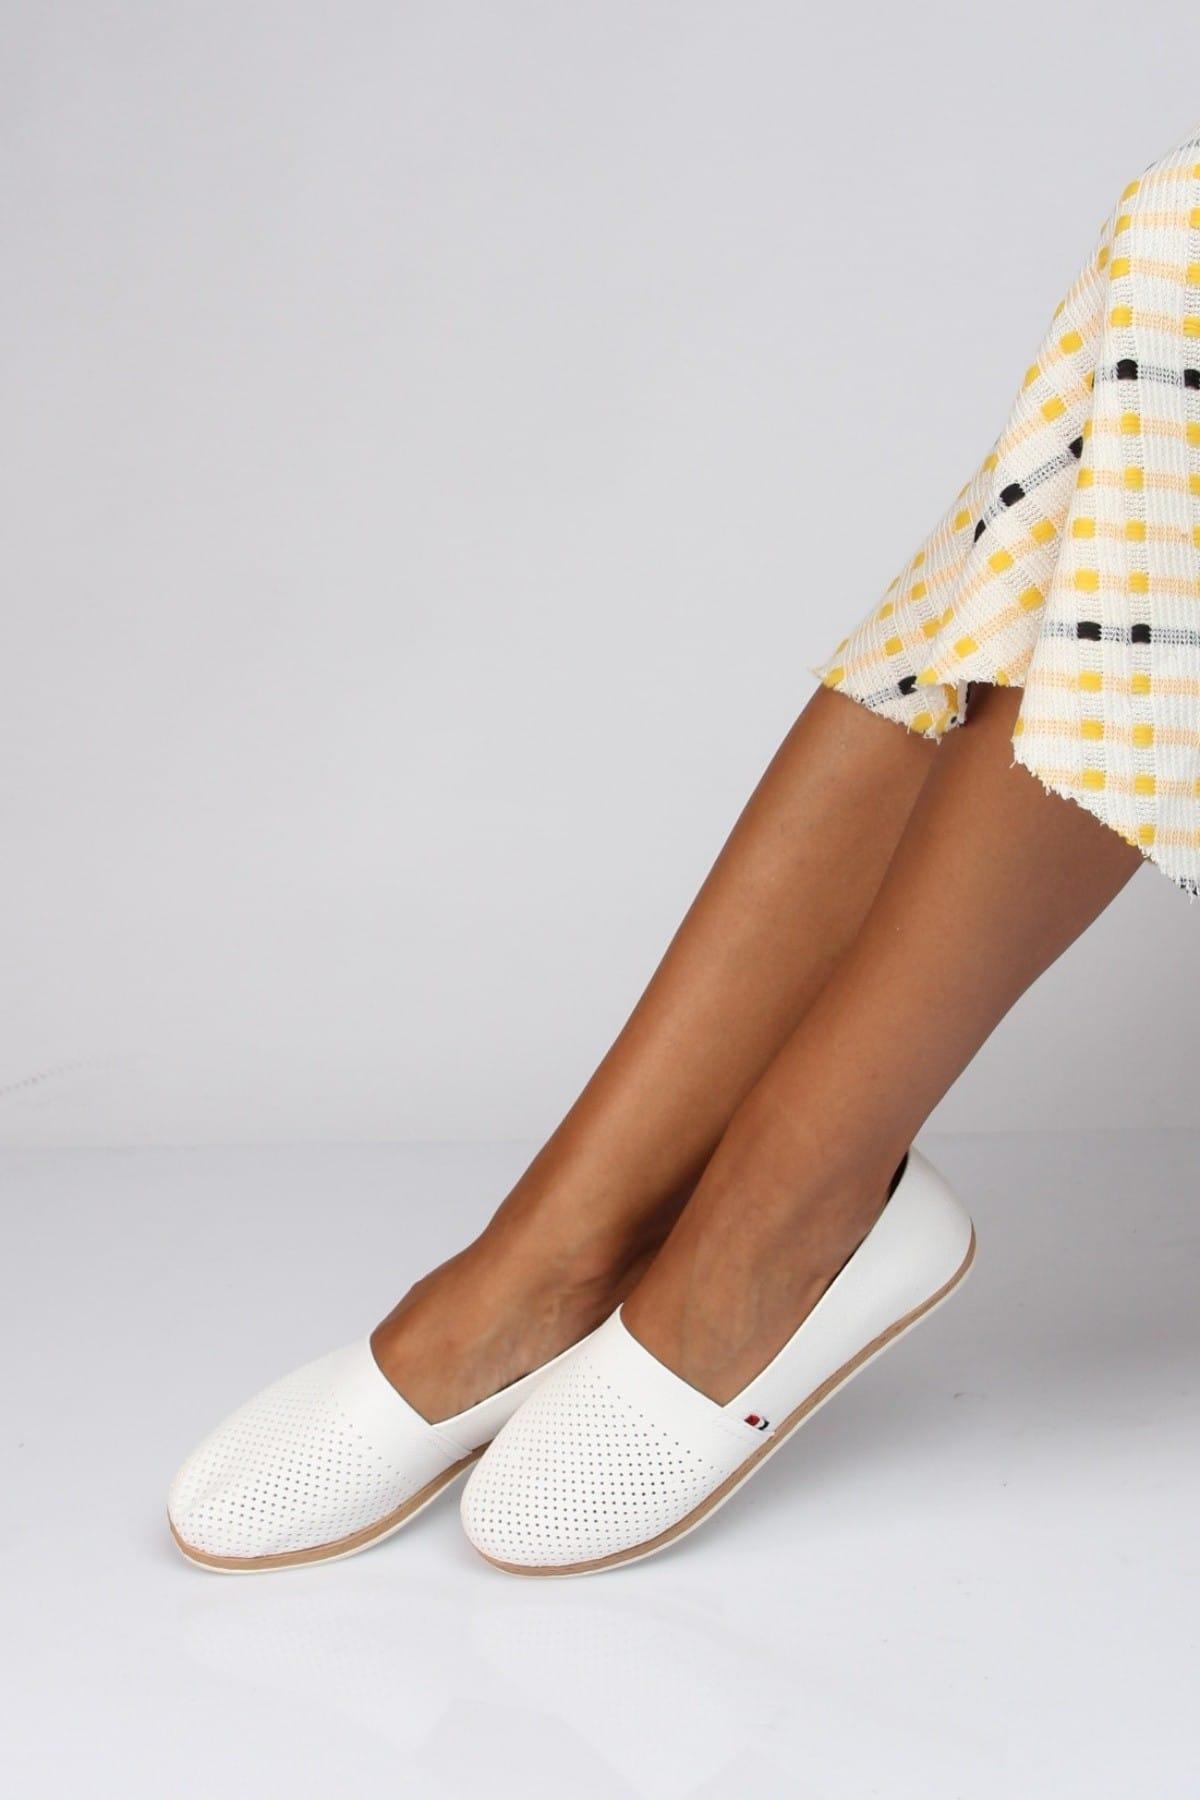 Shoes Time Beyaz Kadın Babet 19Y 151 1